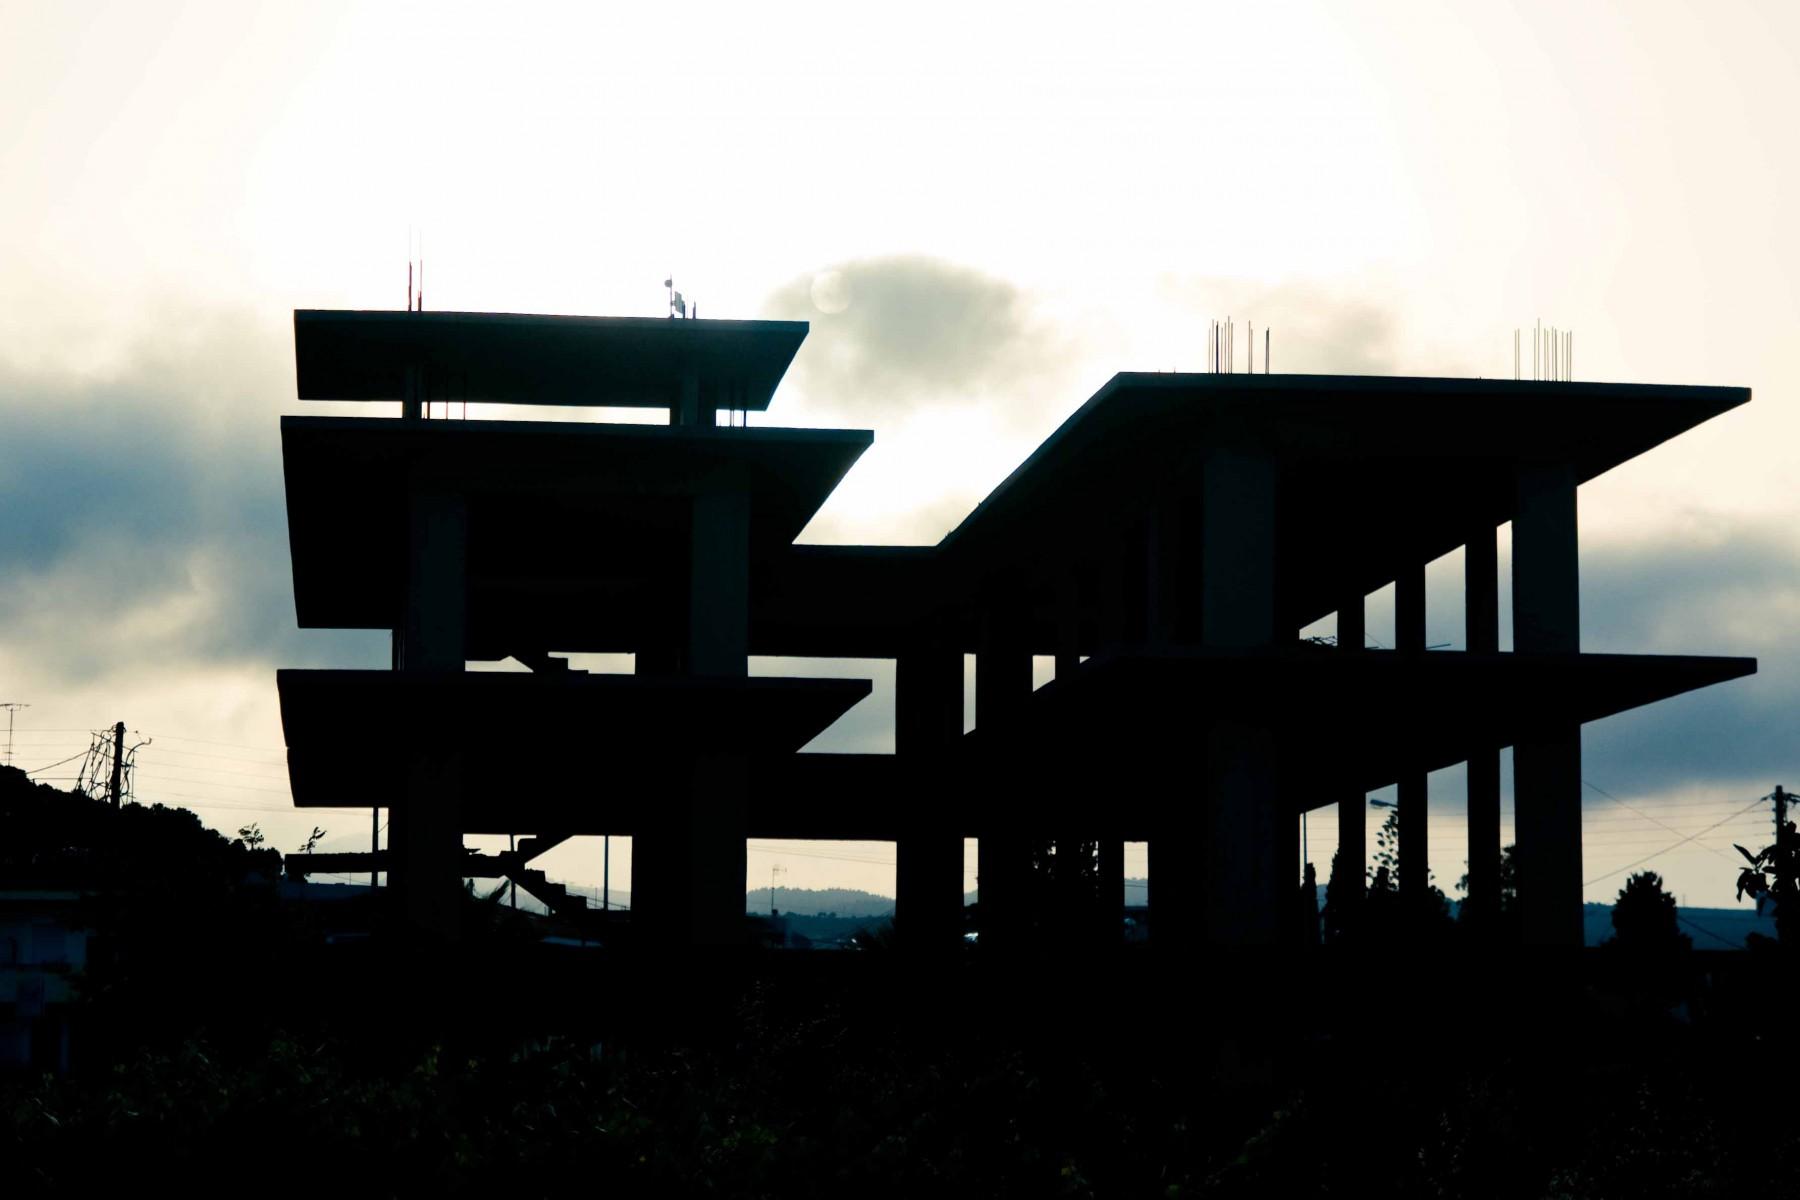 Szkielety niedokończonych budowli